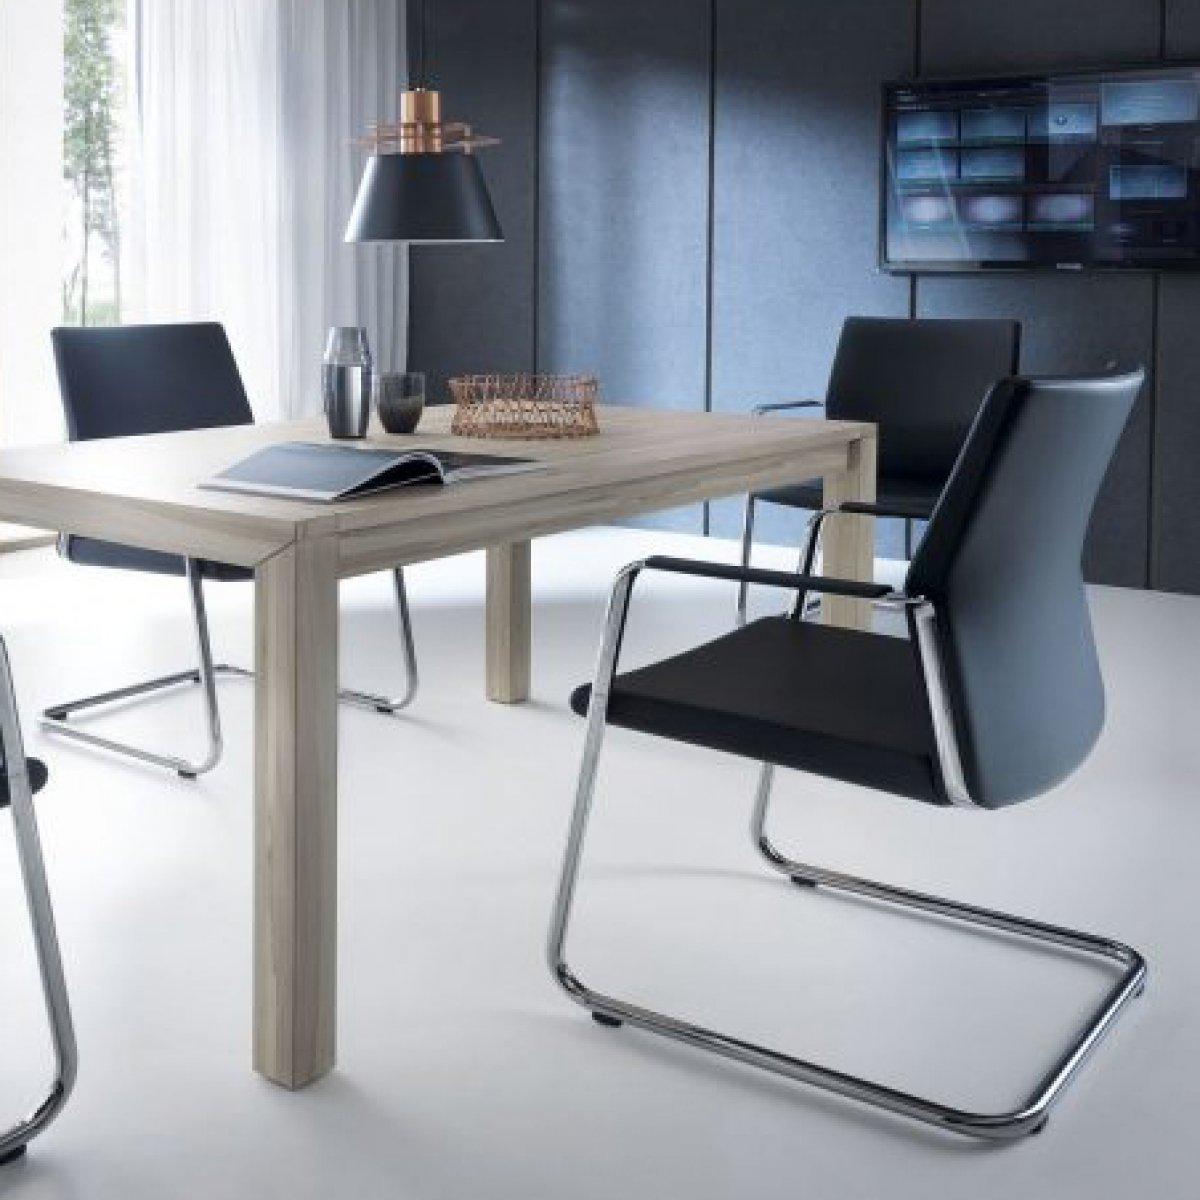 Καρέκλες συνεργασίας - Εργασίας   Mymegamarket.gr